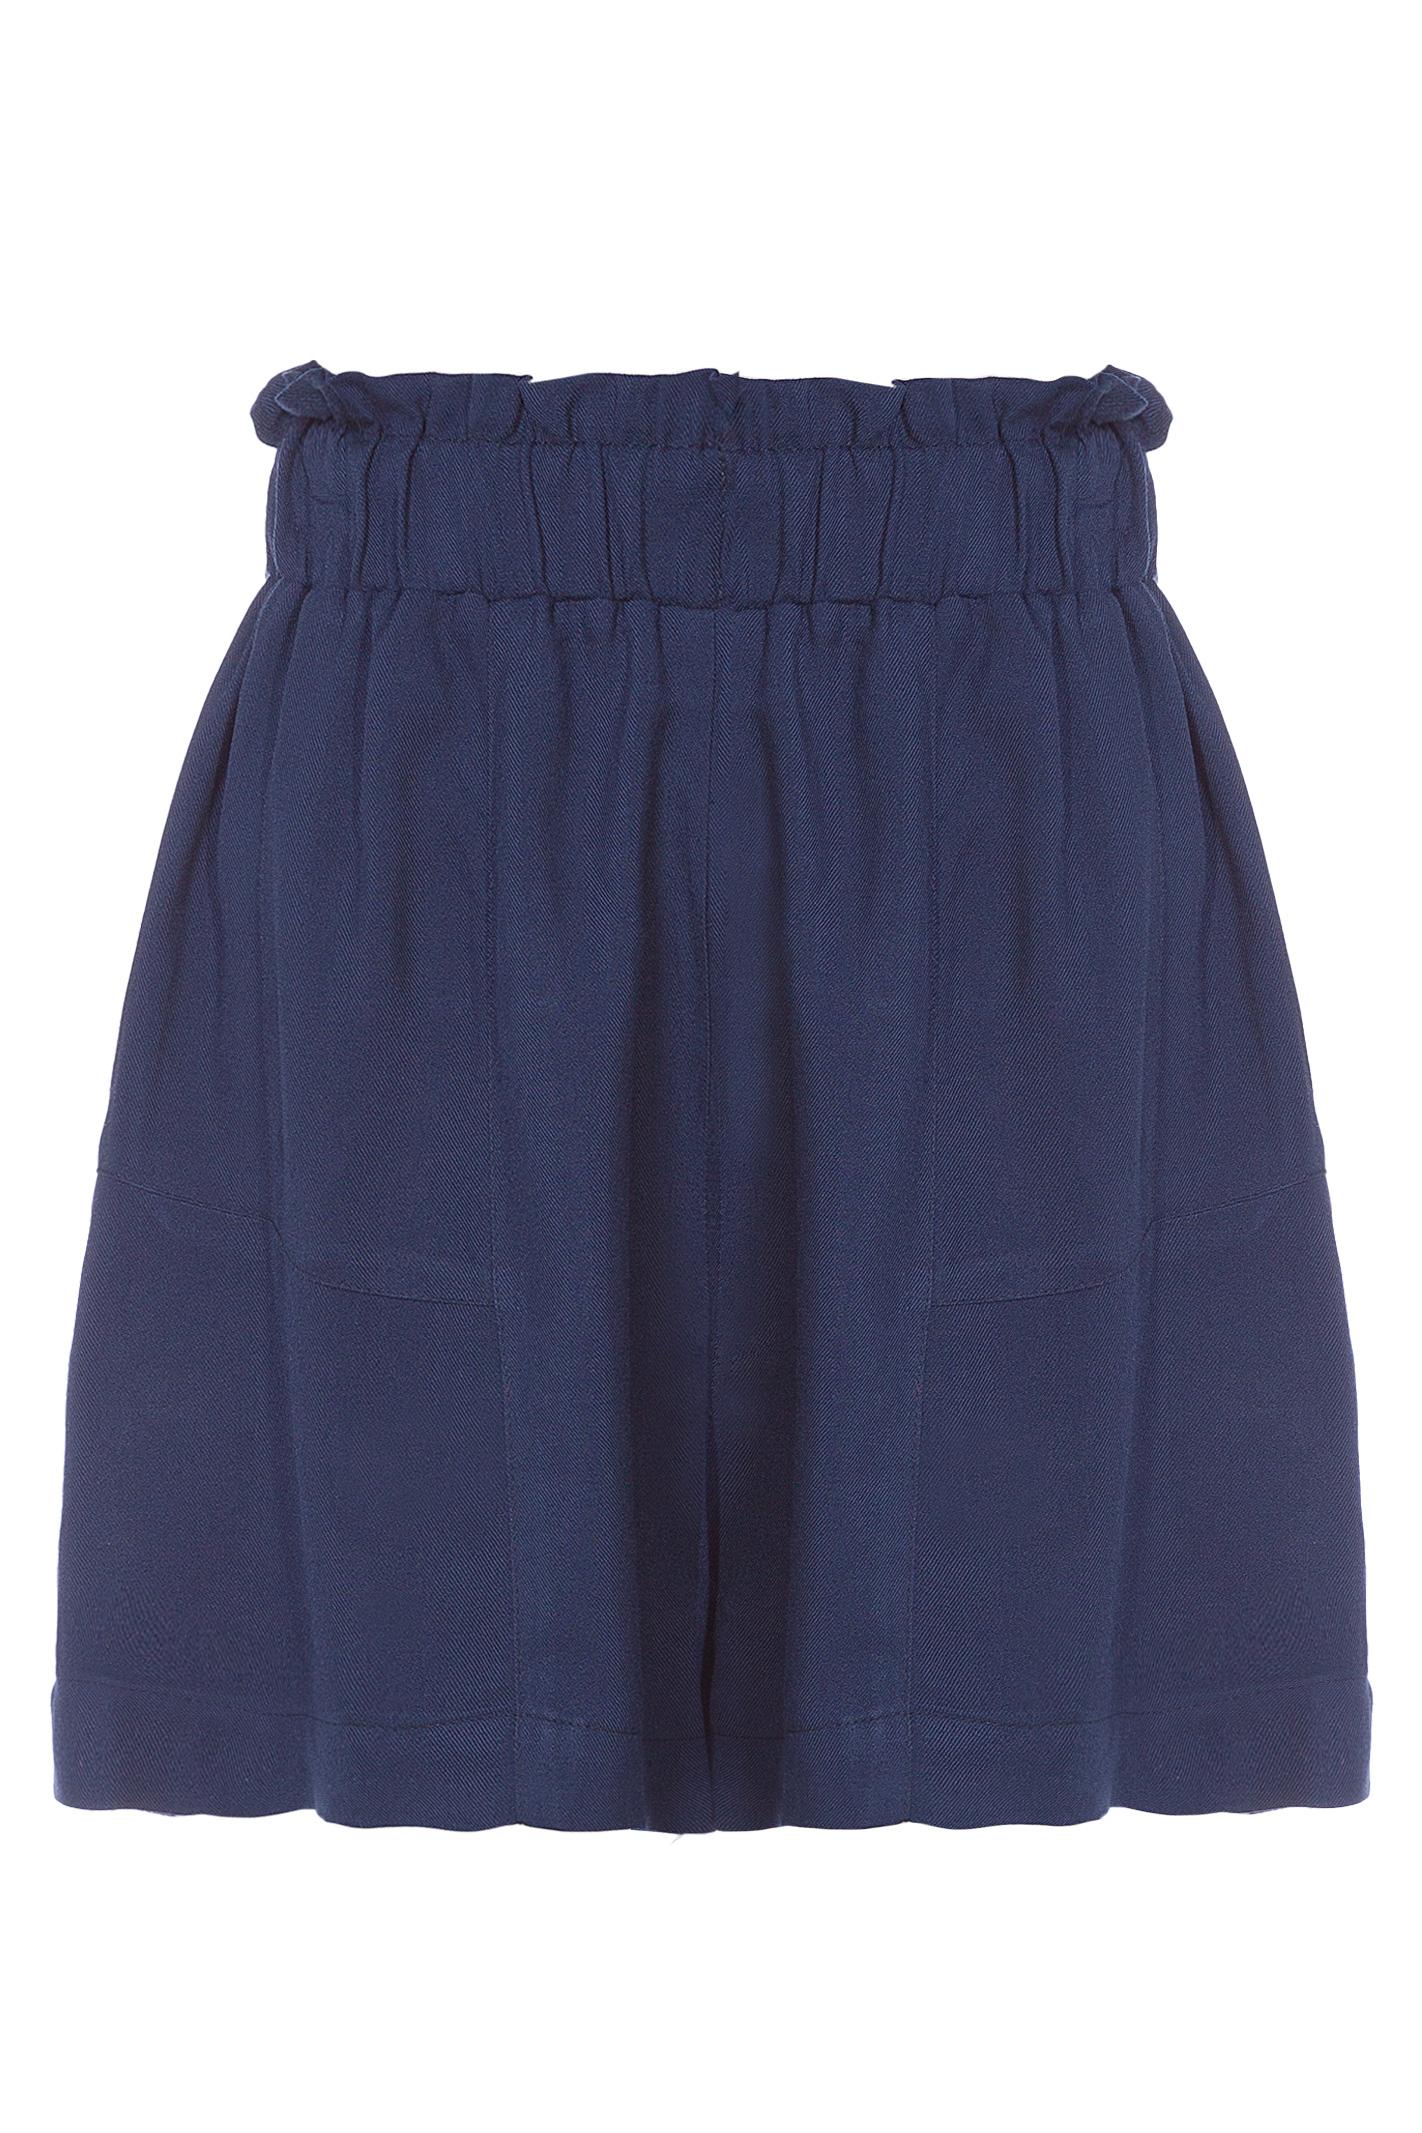 Shorts Nazaré